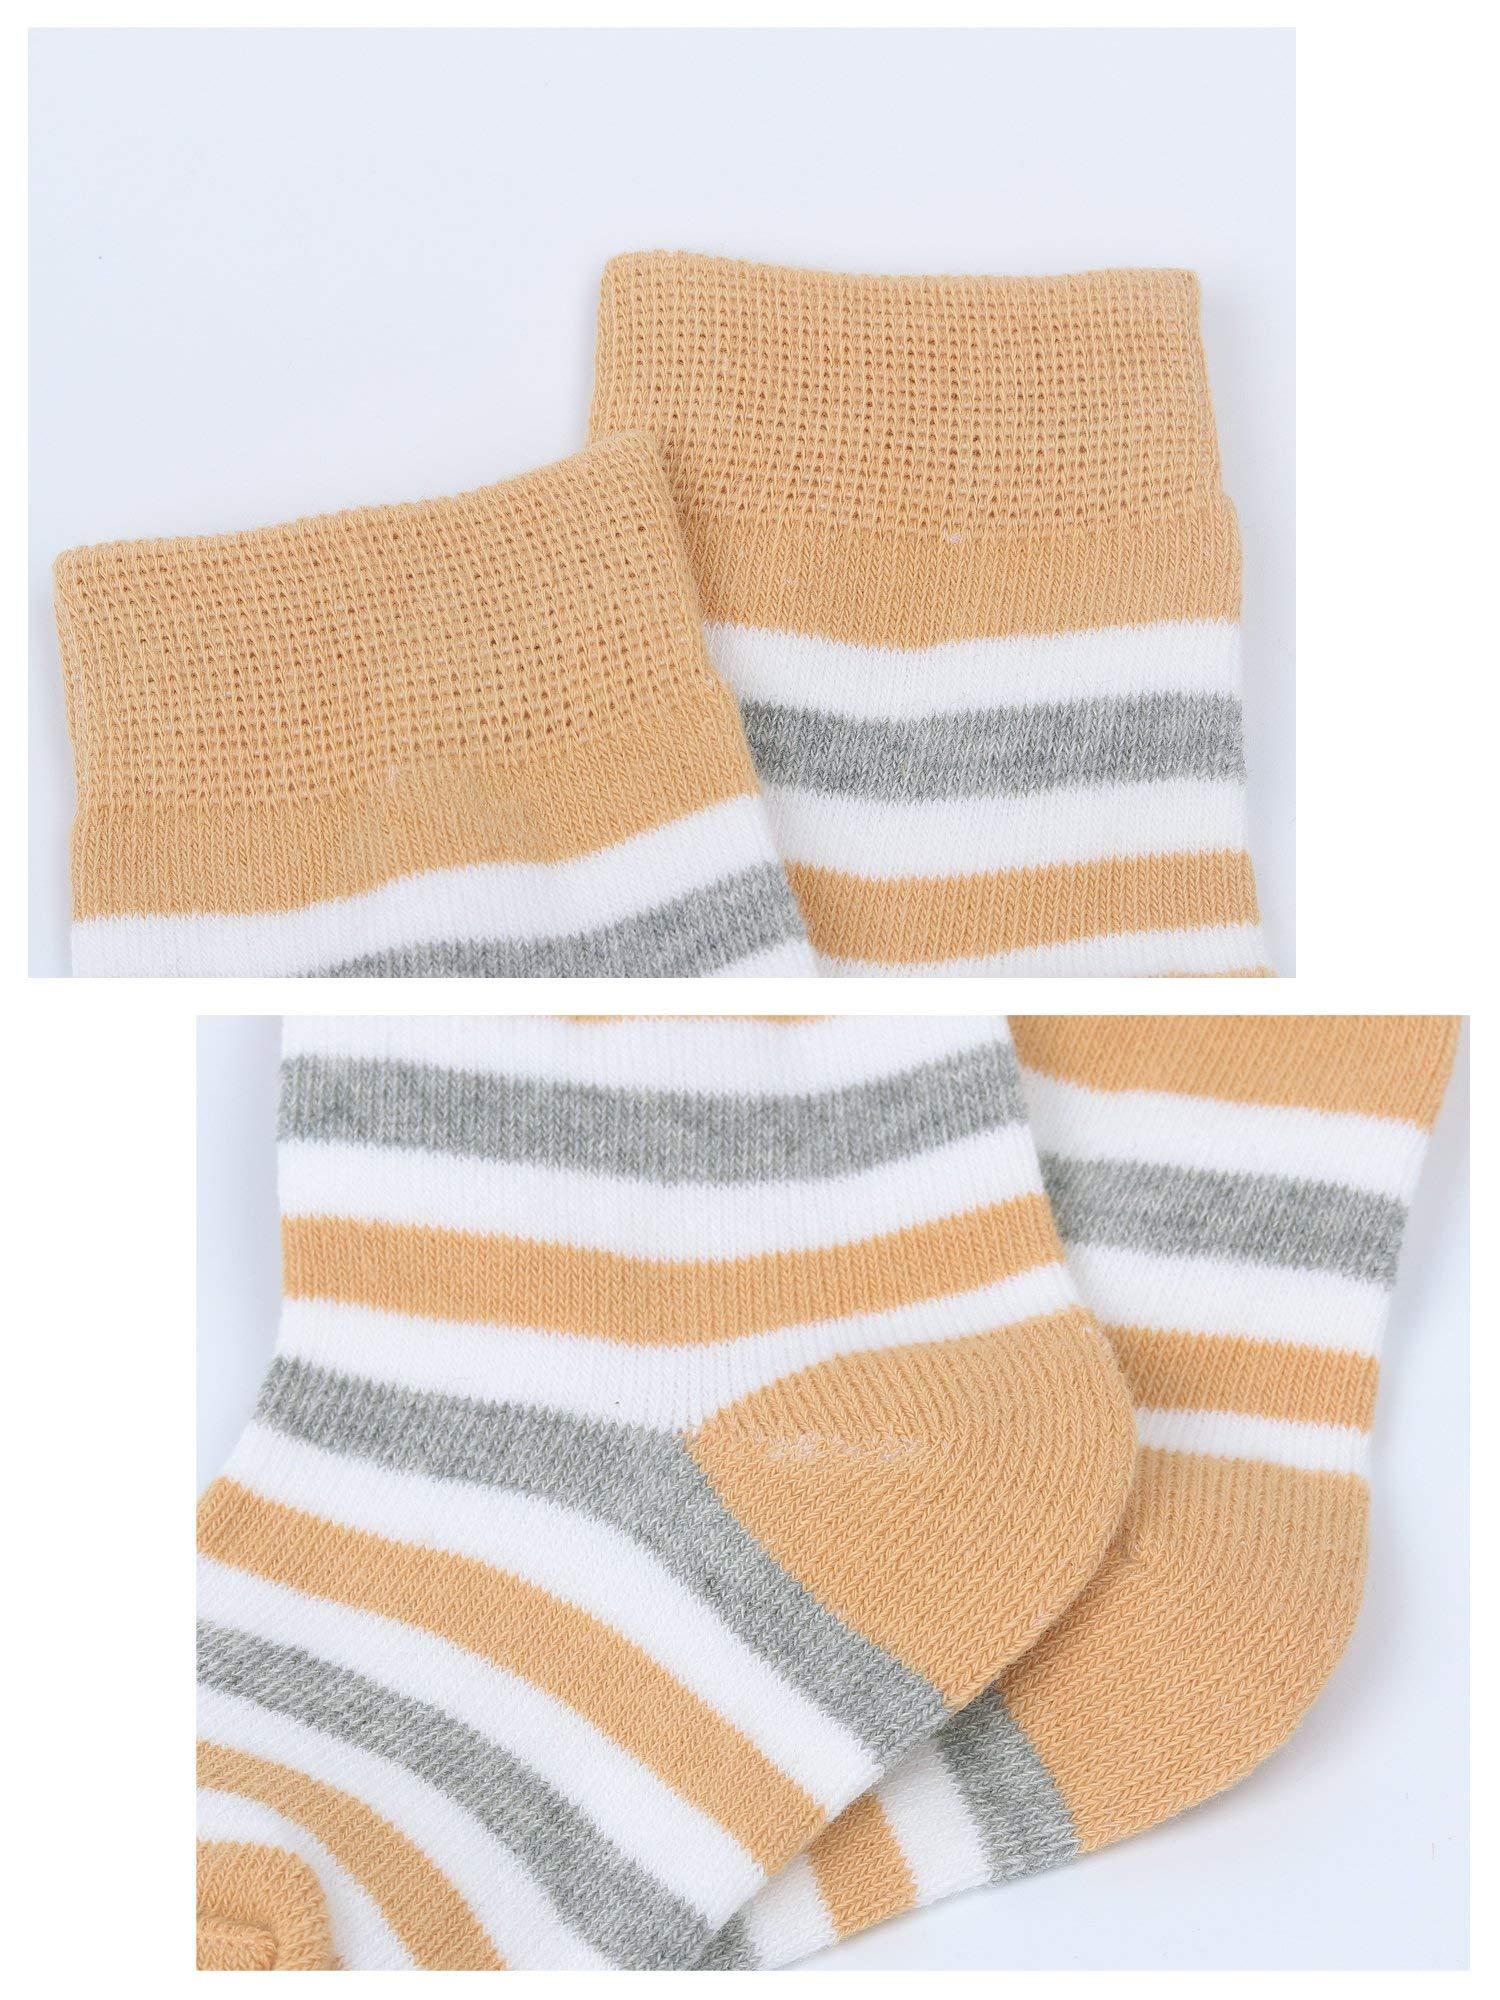 DEBAIJIA Niños Niñas Calcetines De Algodón Cómodo Suave Jogging Absorben el Sudor Antibacteriano primavera verano otoño… 2